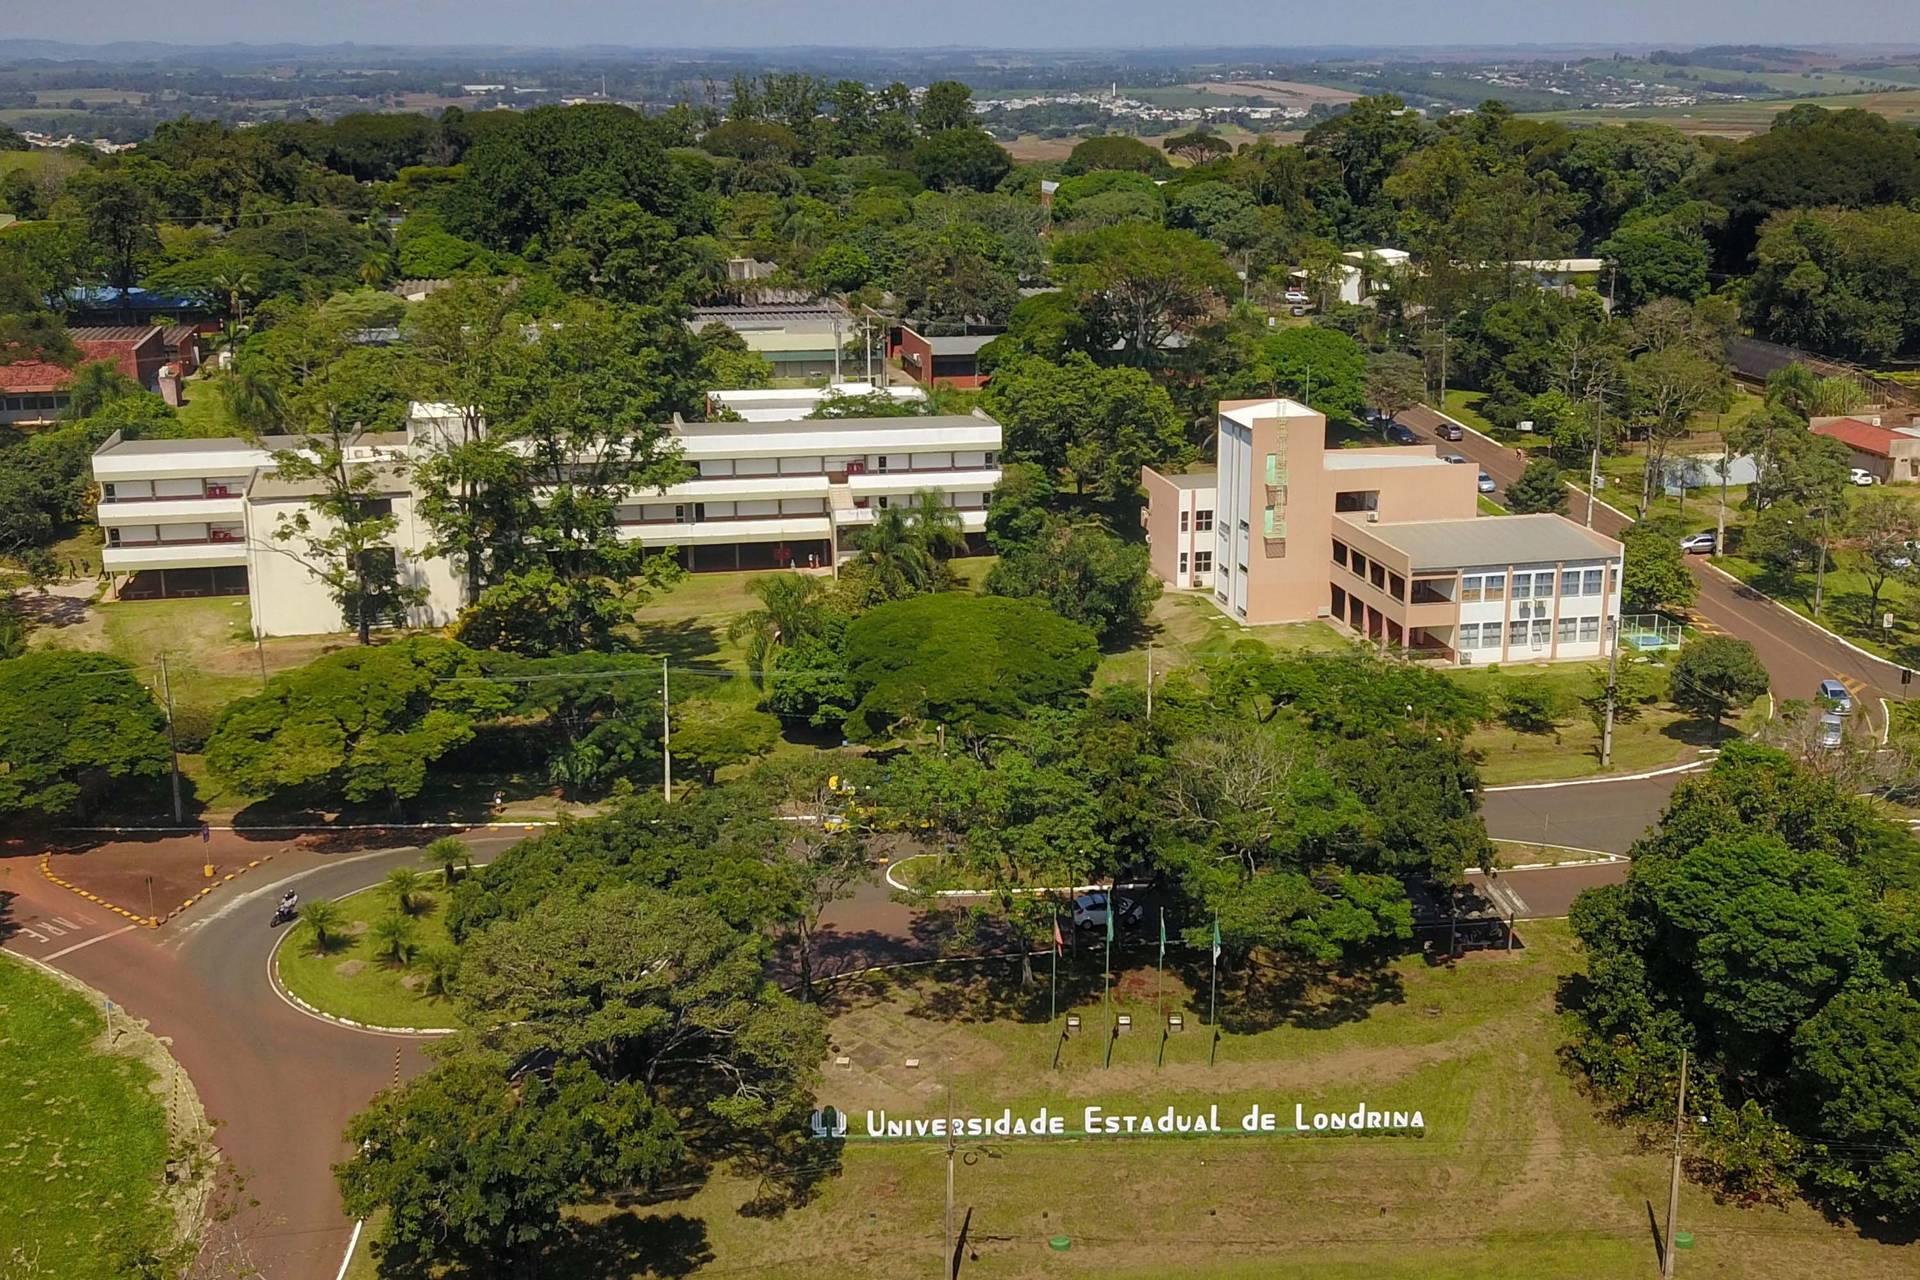 Universidades estaduais se destacam em ranking internacional